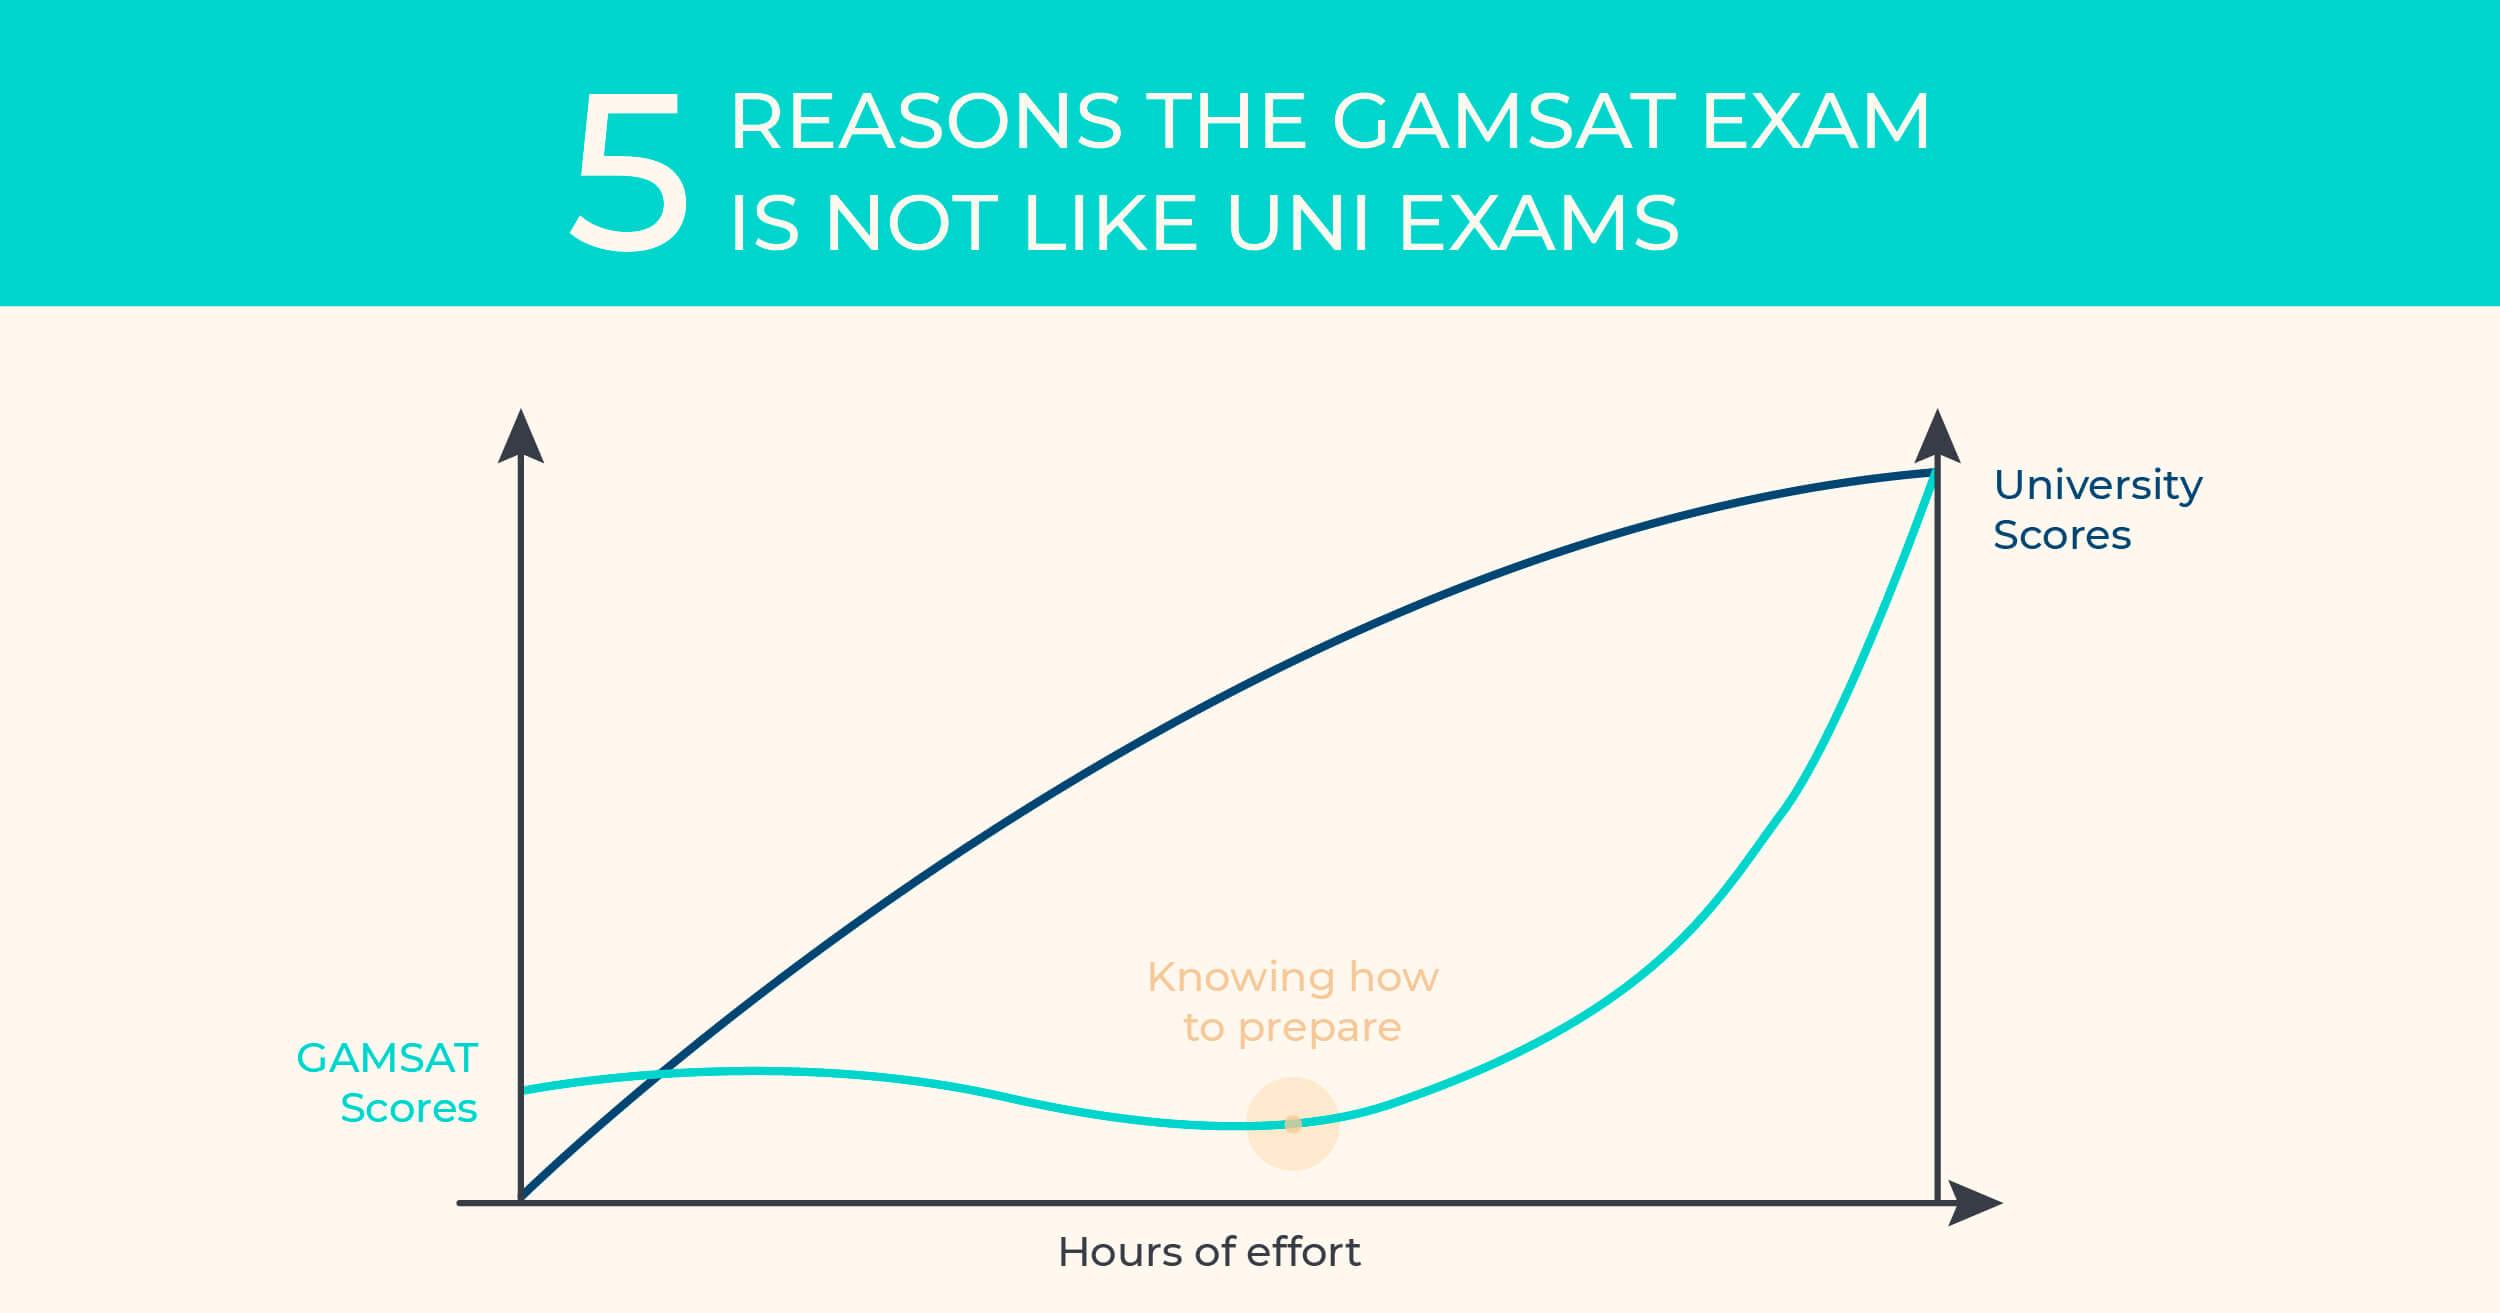 gamsat vs uni exams